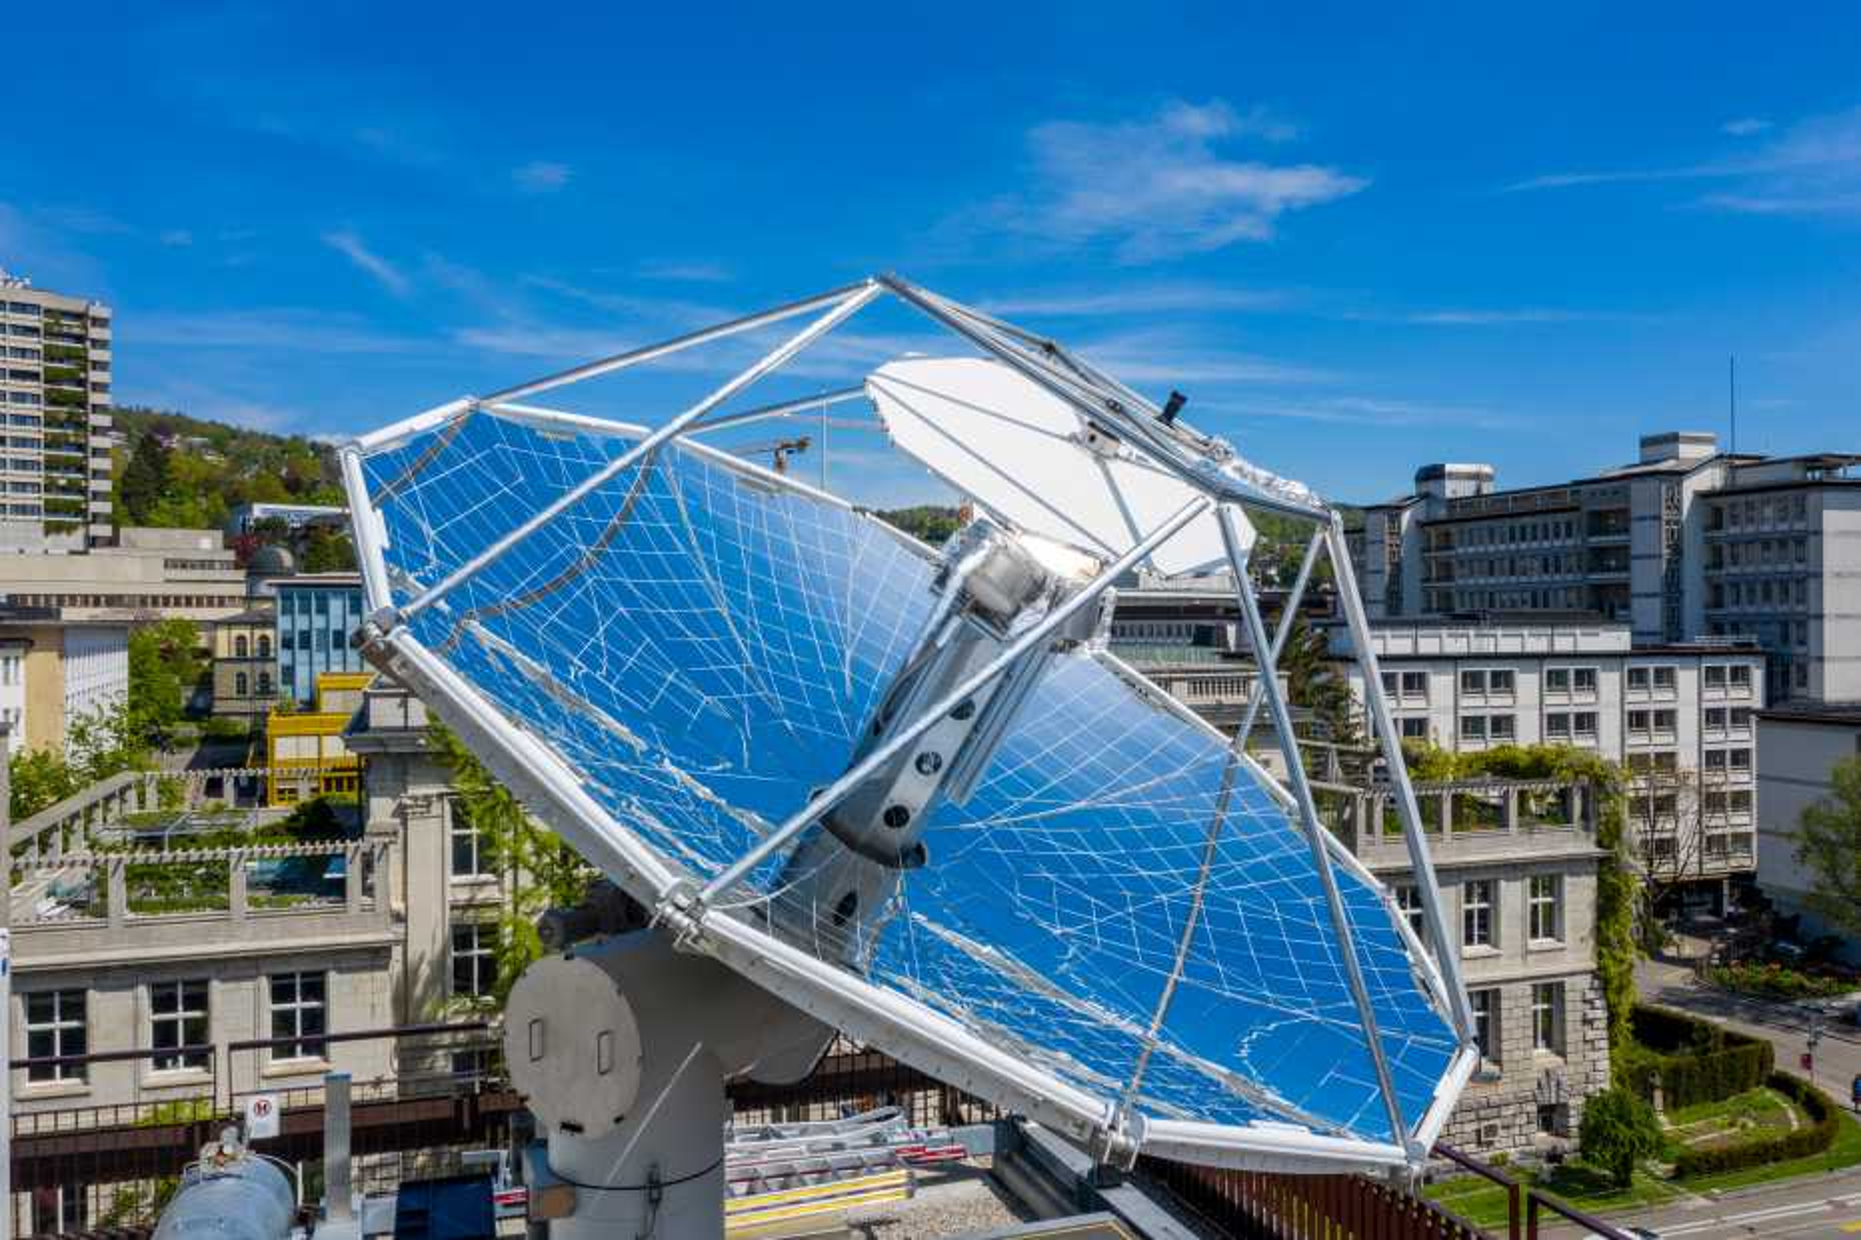 Solar mini-refinery